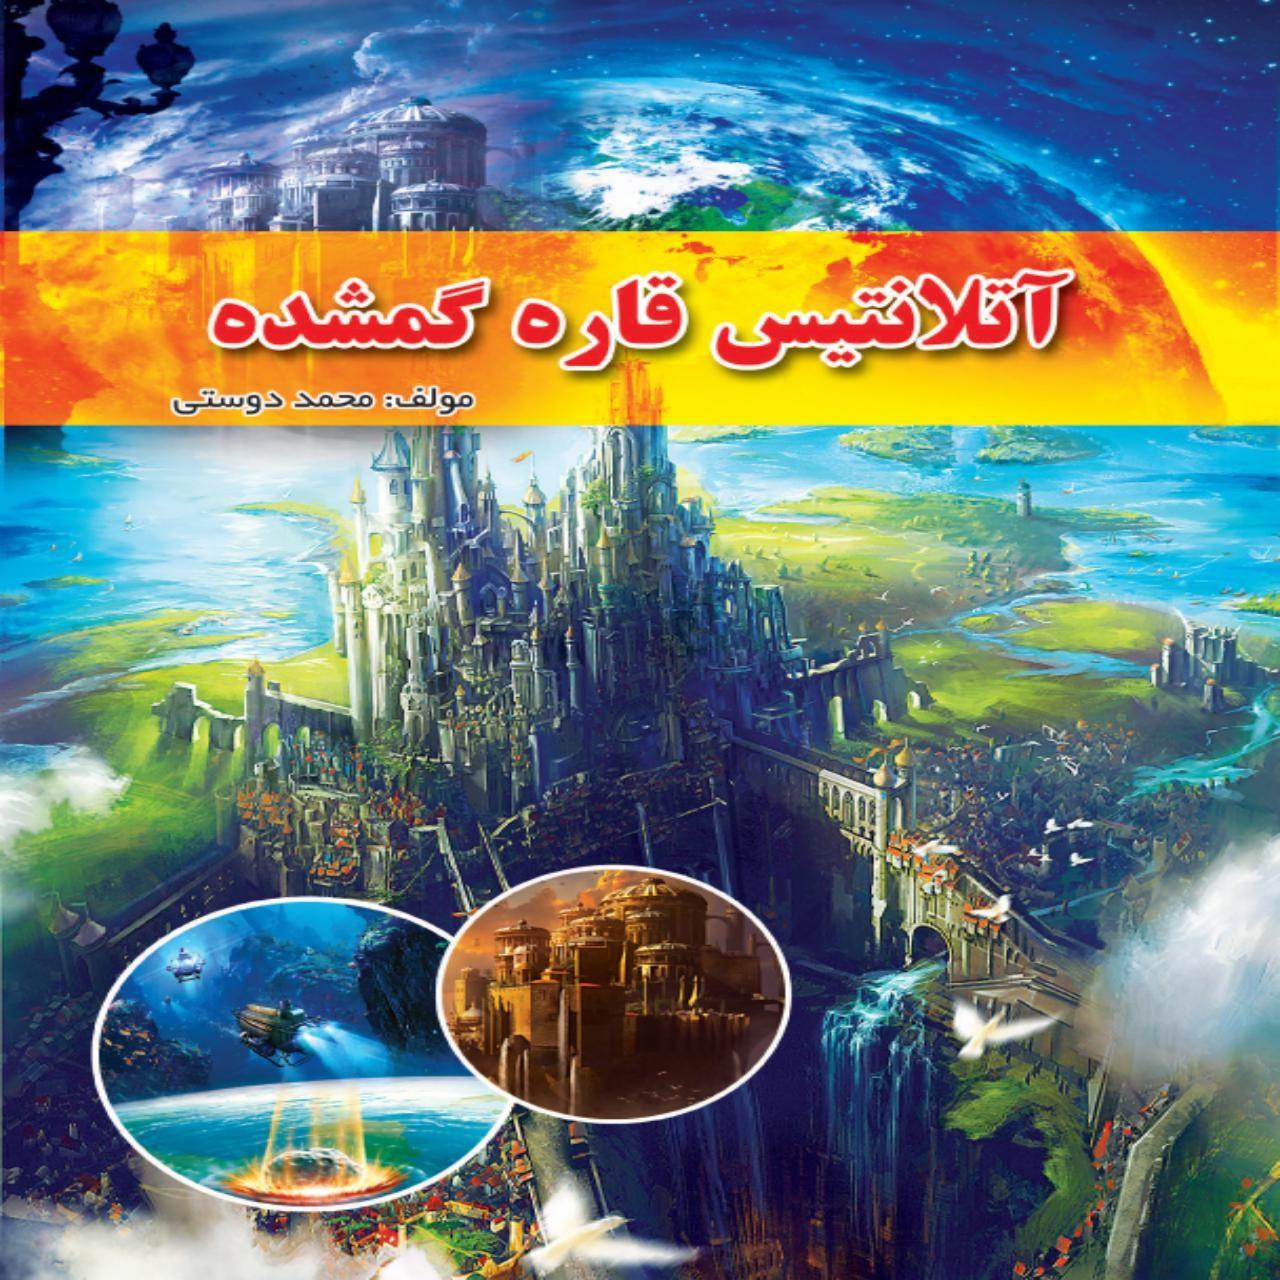 کتاب آتلانتیس قاره گمشده اثر محمد دوستی